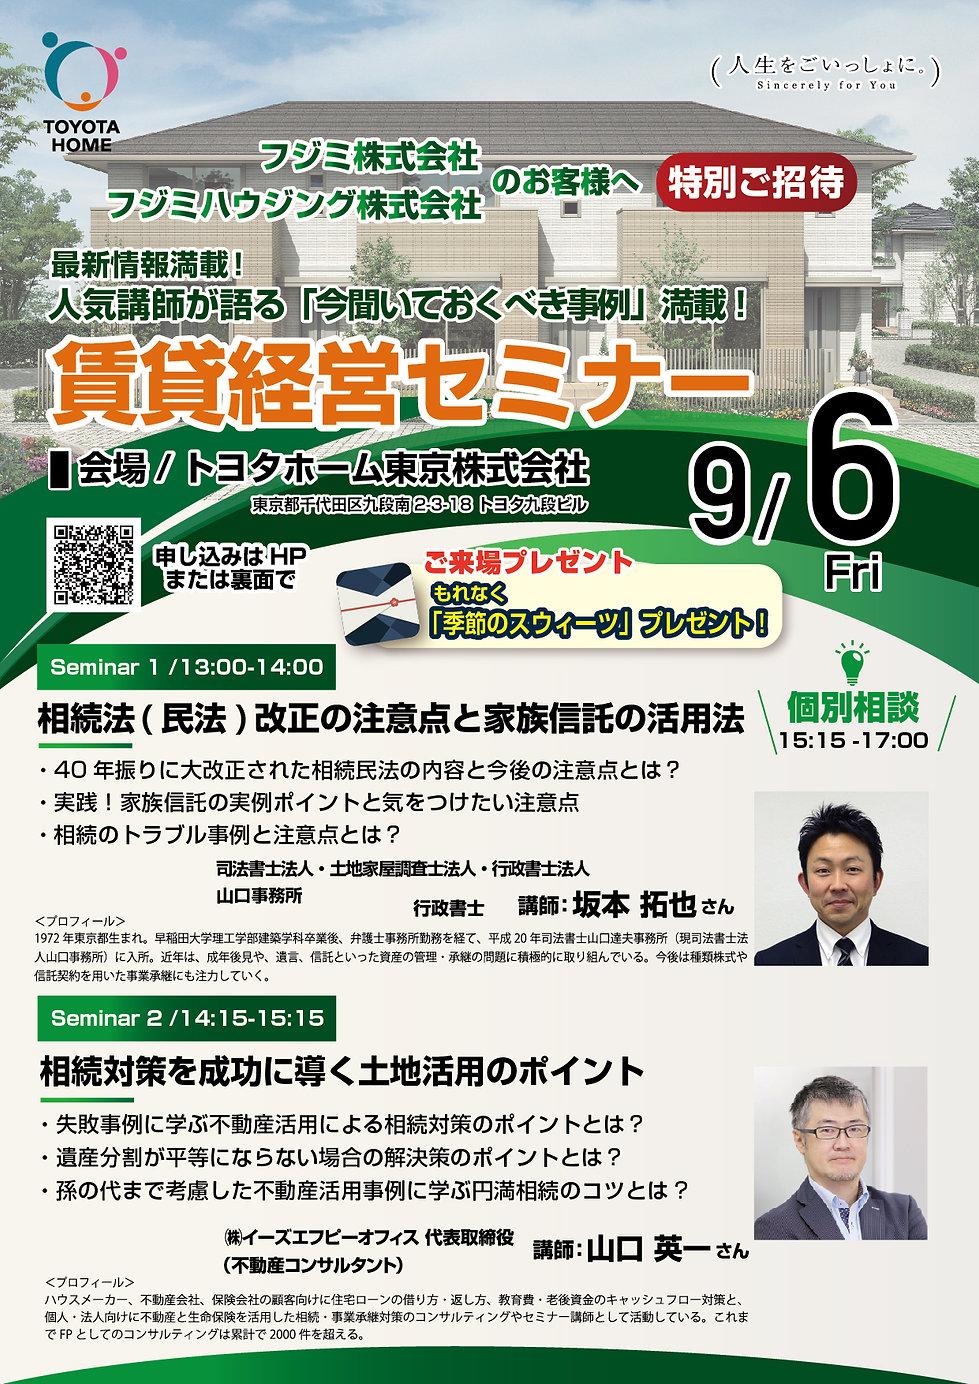 トヨタホームセミナー0906フジミ様-01.jpg